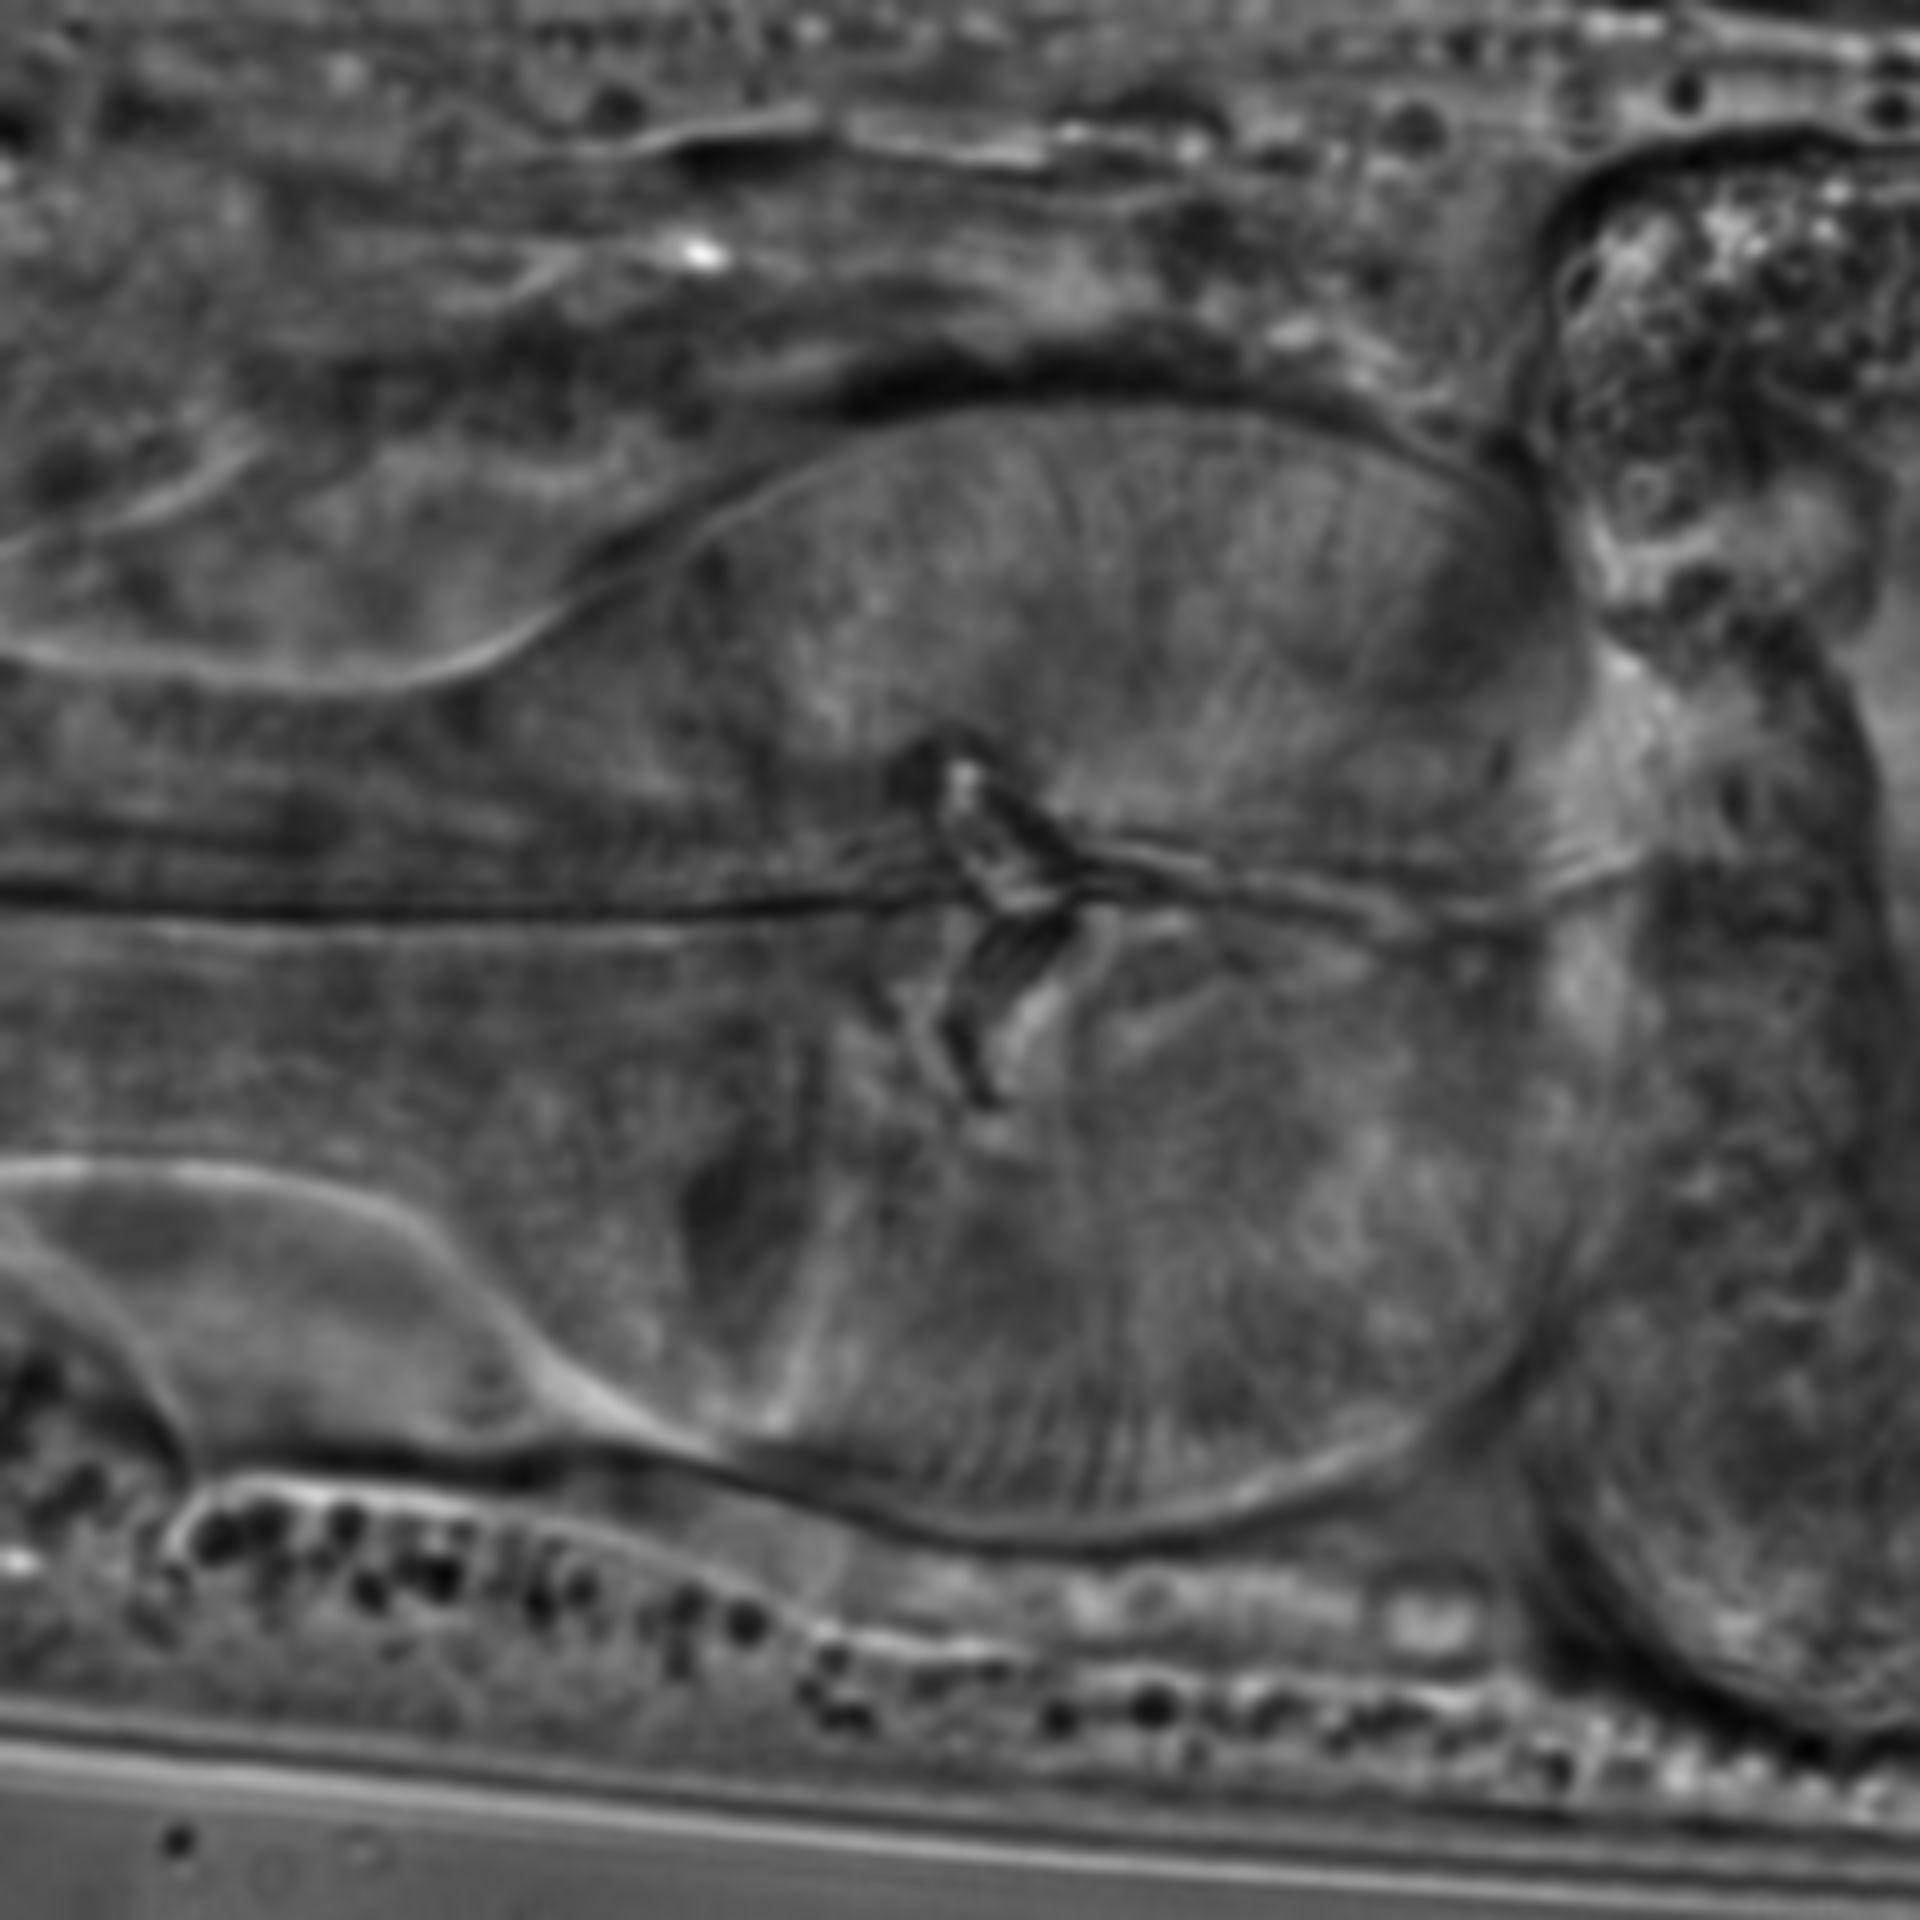 Caenorhabditis elegans - CIL:1598